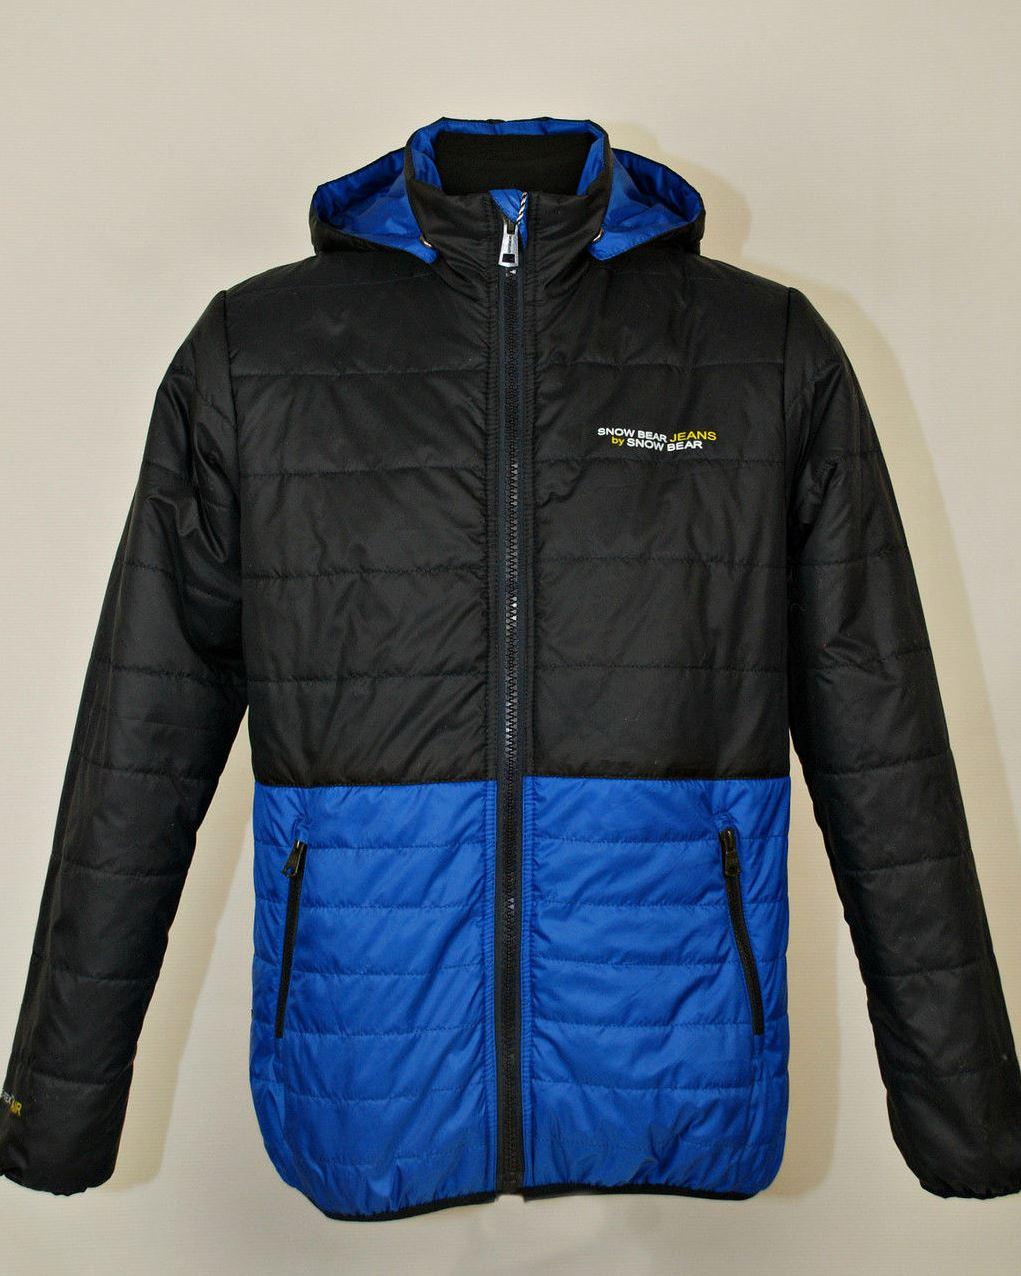 ... Куртки подростковые для мальчиков весенние 6 1b349b59b46